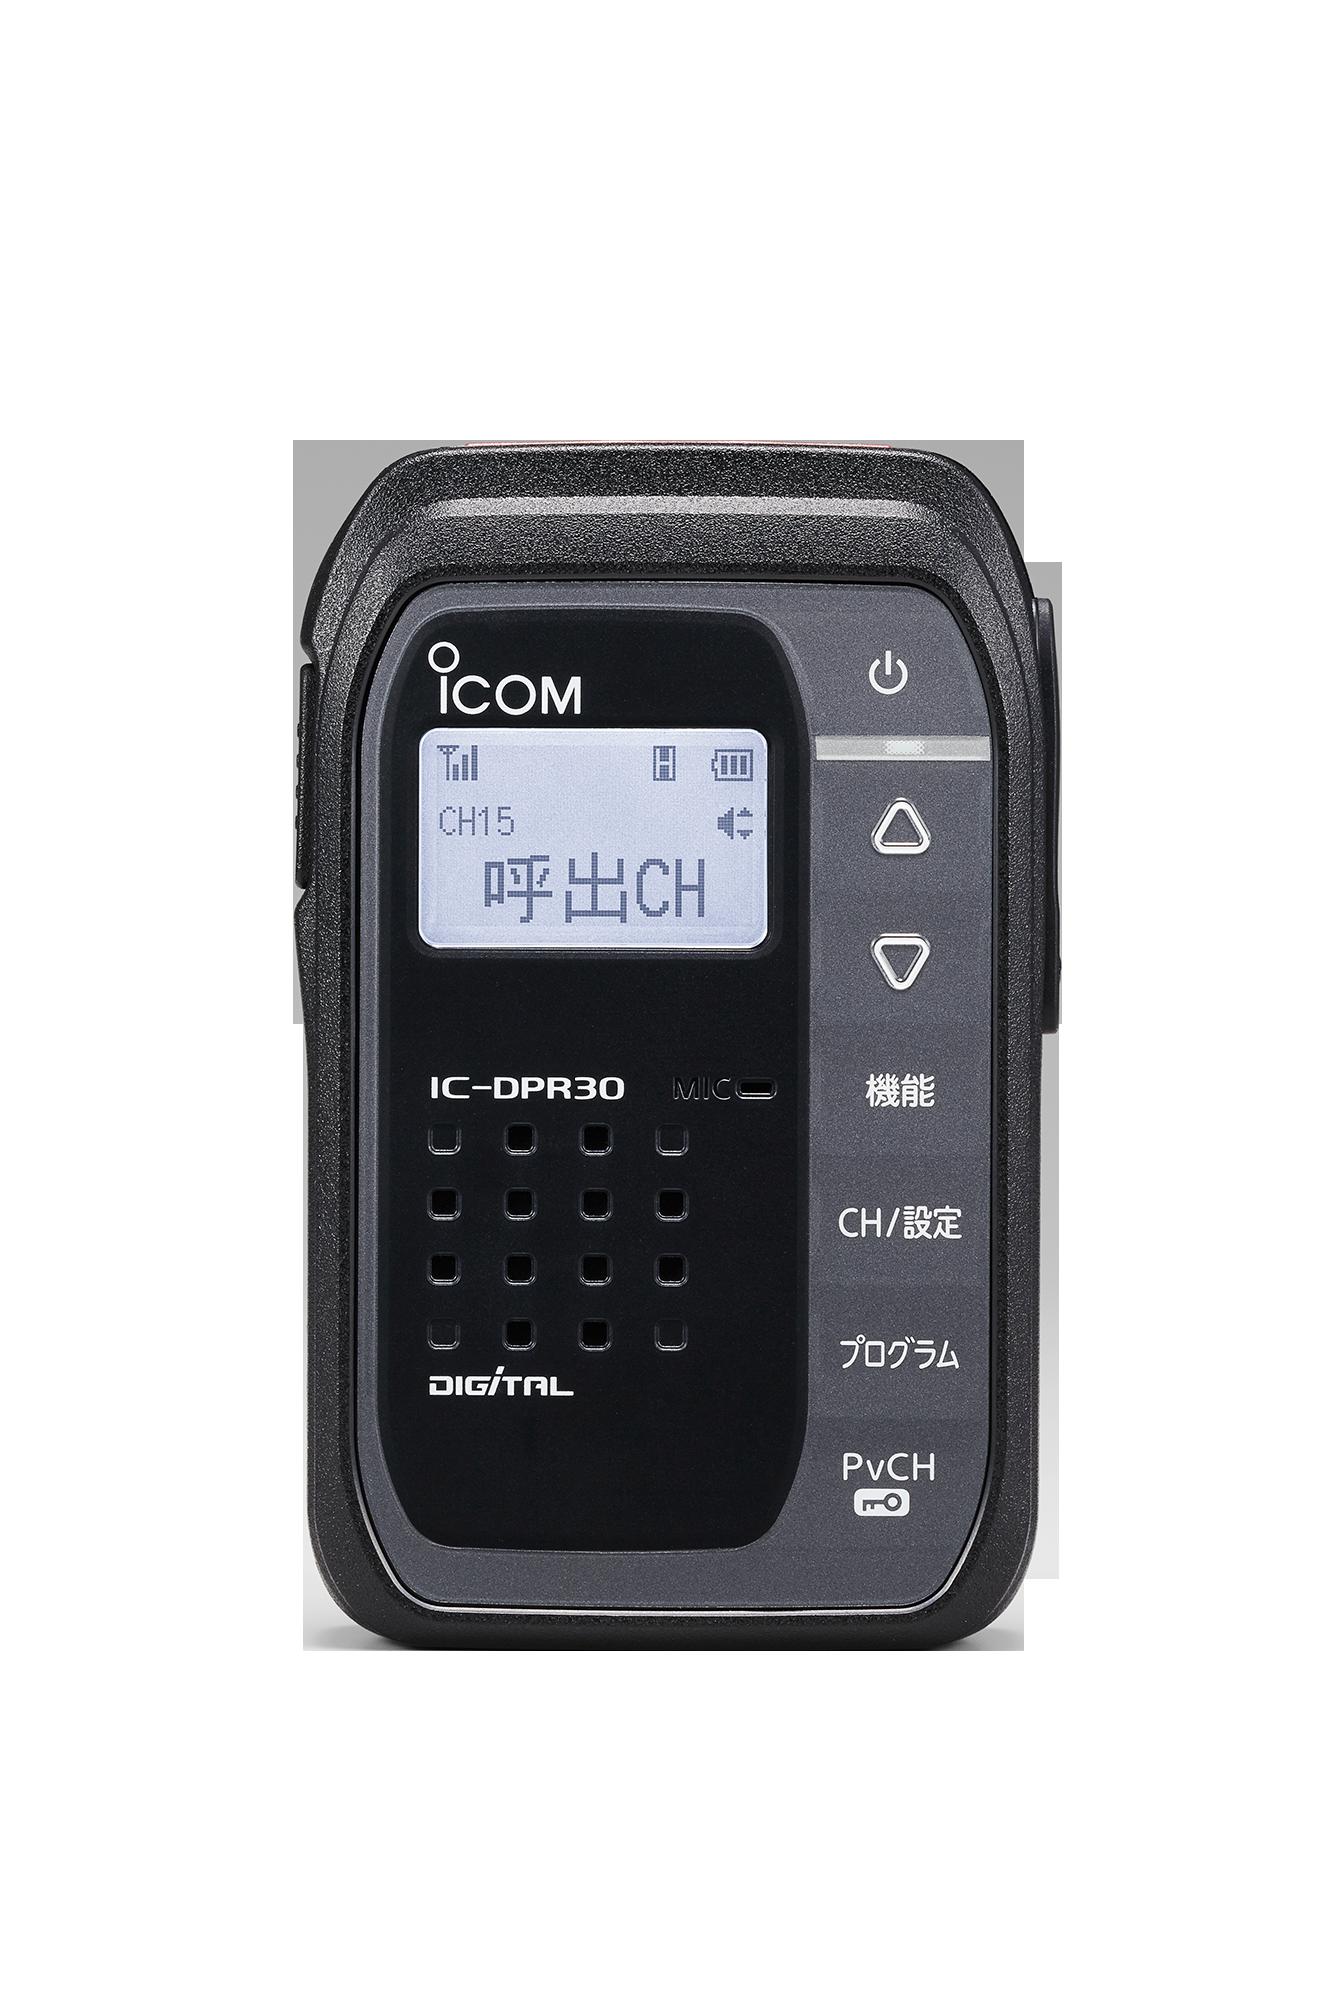 携帯型デジタル簡易無線機(登録局) ブラック